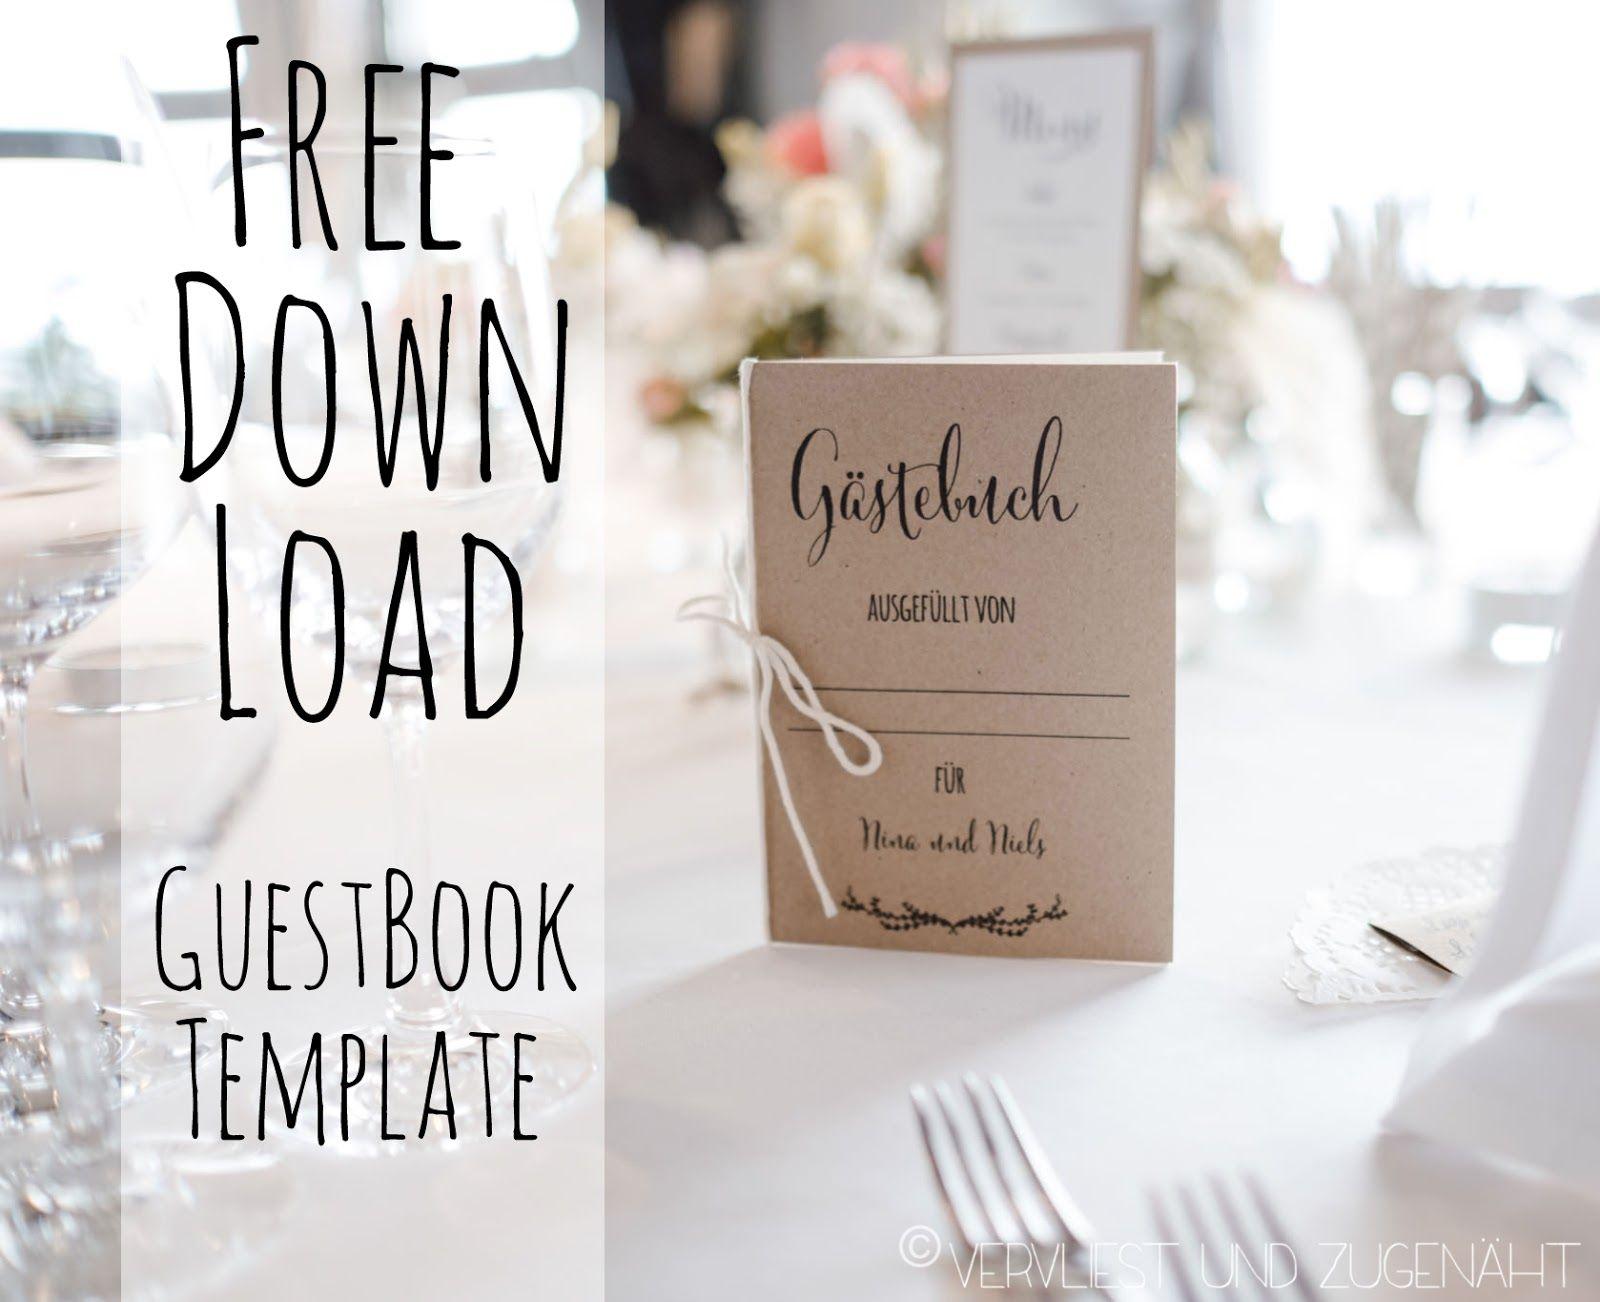 hochzeit gastebuch fragebogen free printable freebie hochzeit